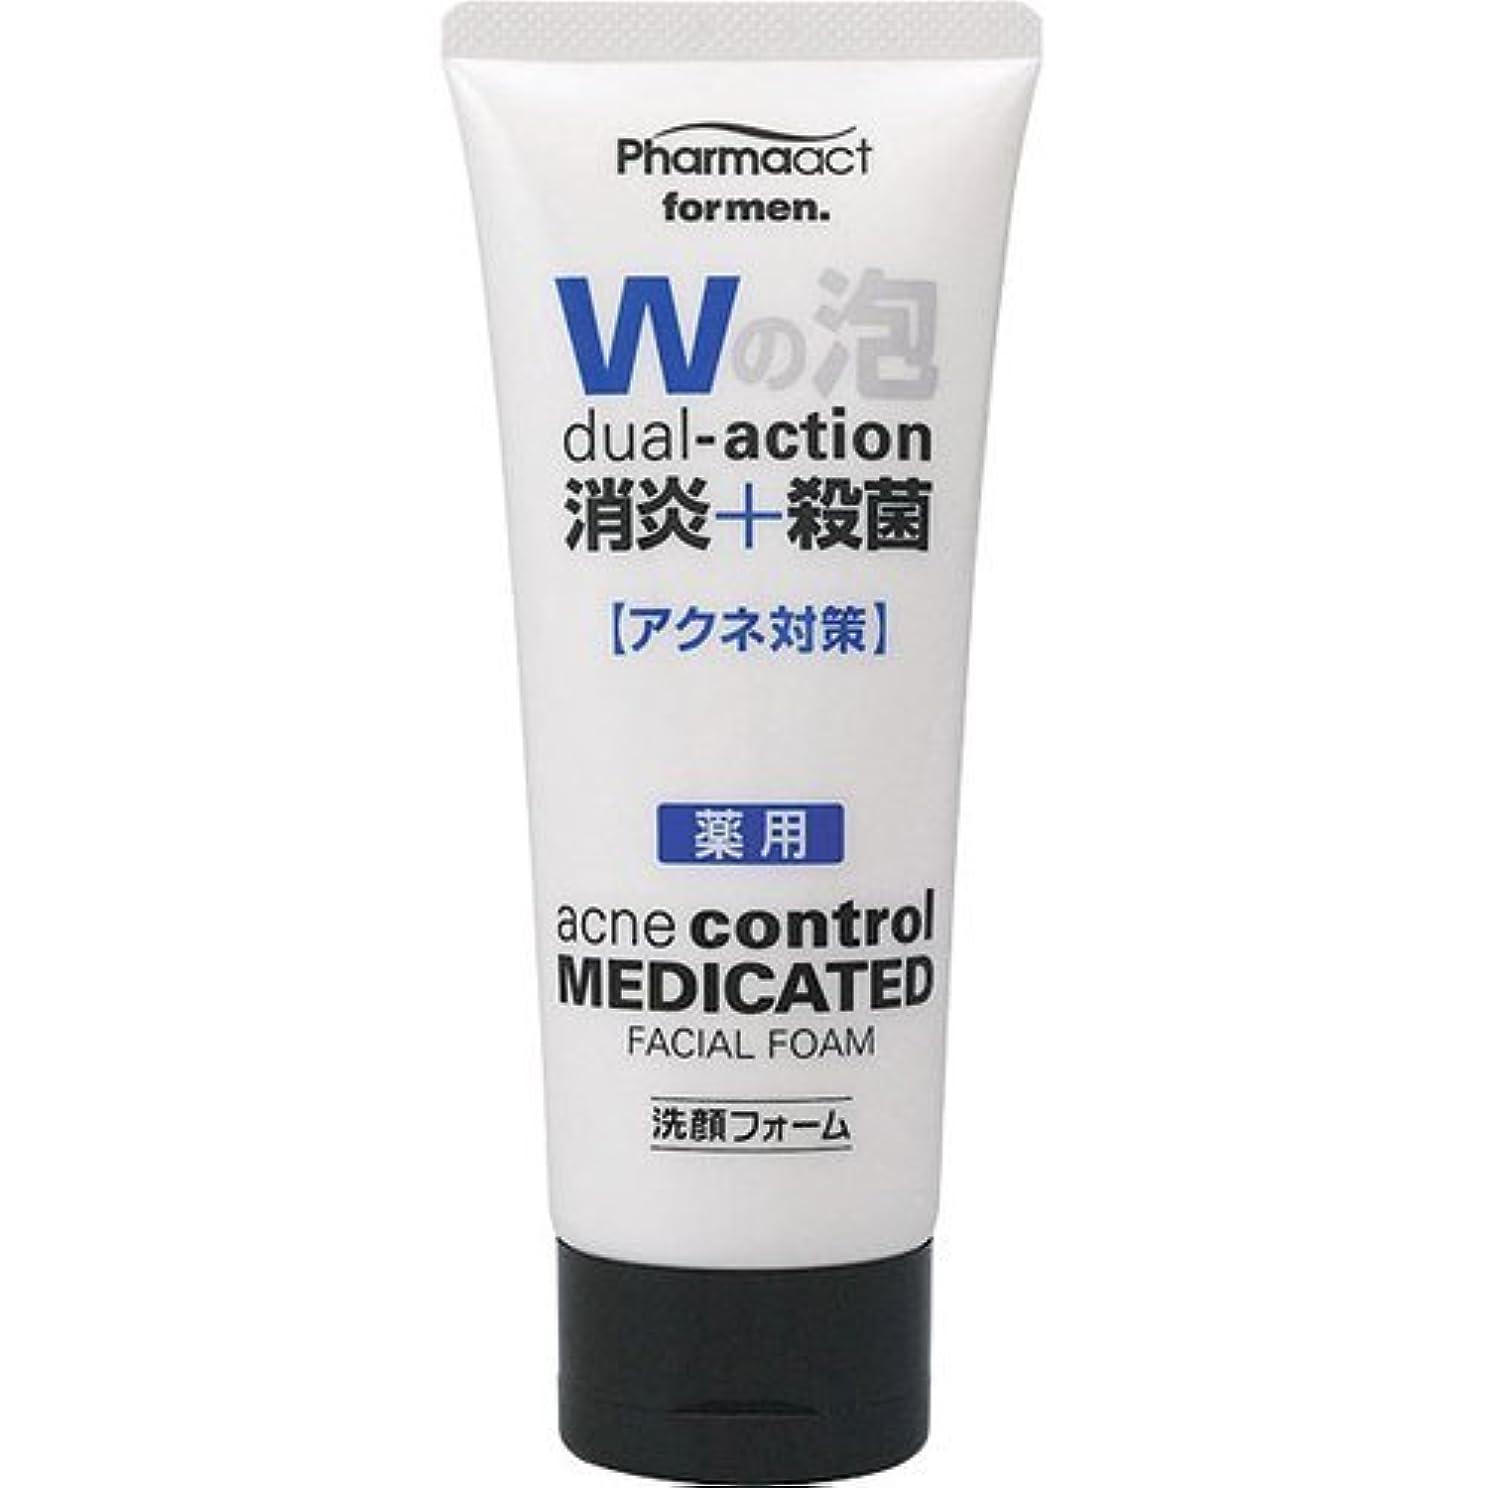 締め切りエコー超音速ファーマアクト メンズ消炎+殺菌 薬用洗顔フォーム 130g